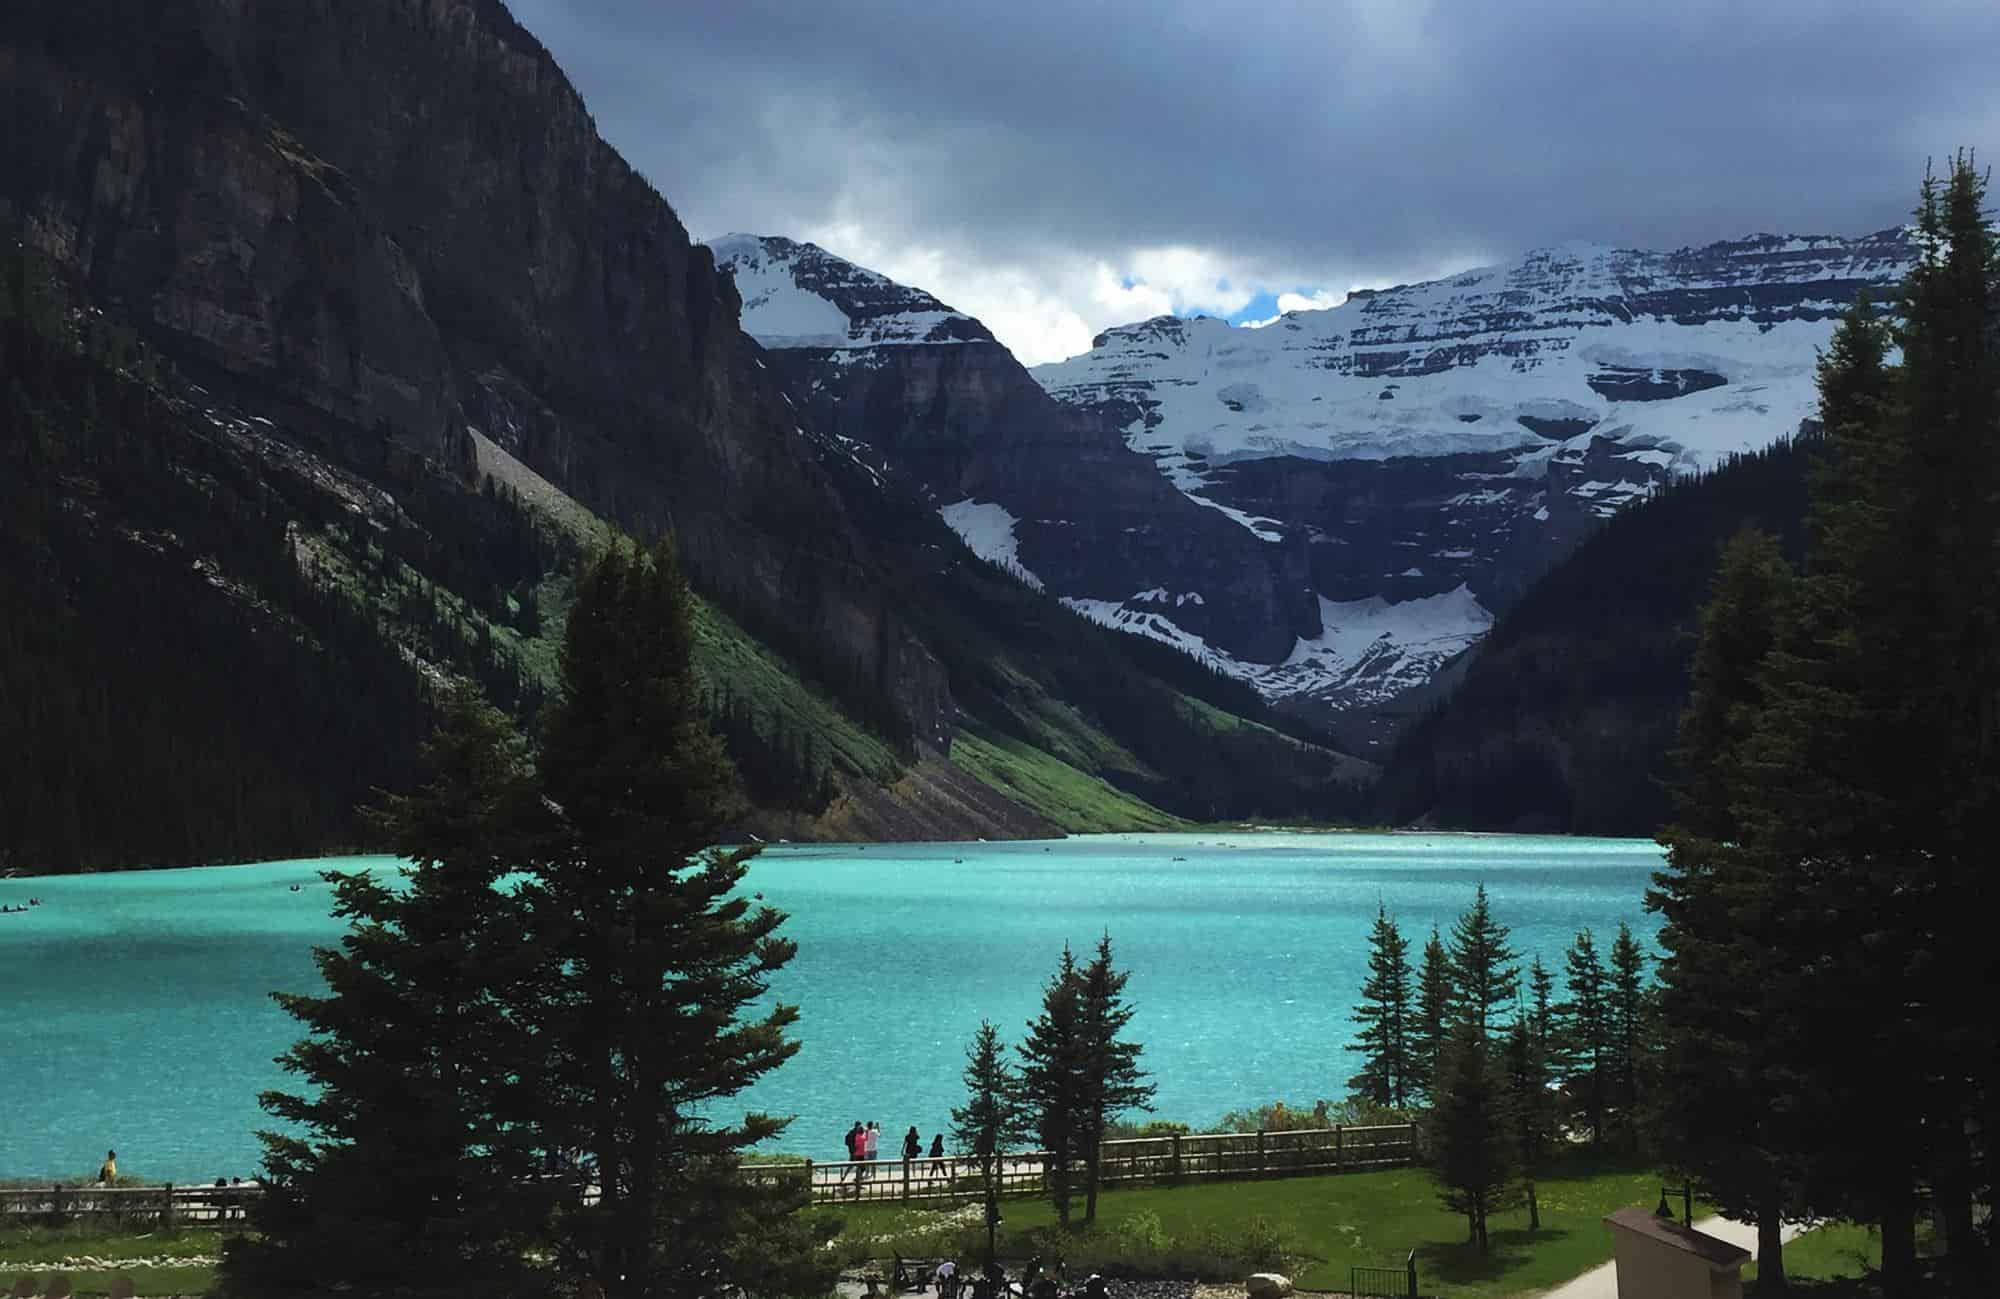 Voyage au Canada - Lac Louise - Amplitudes